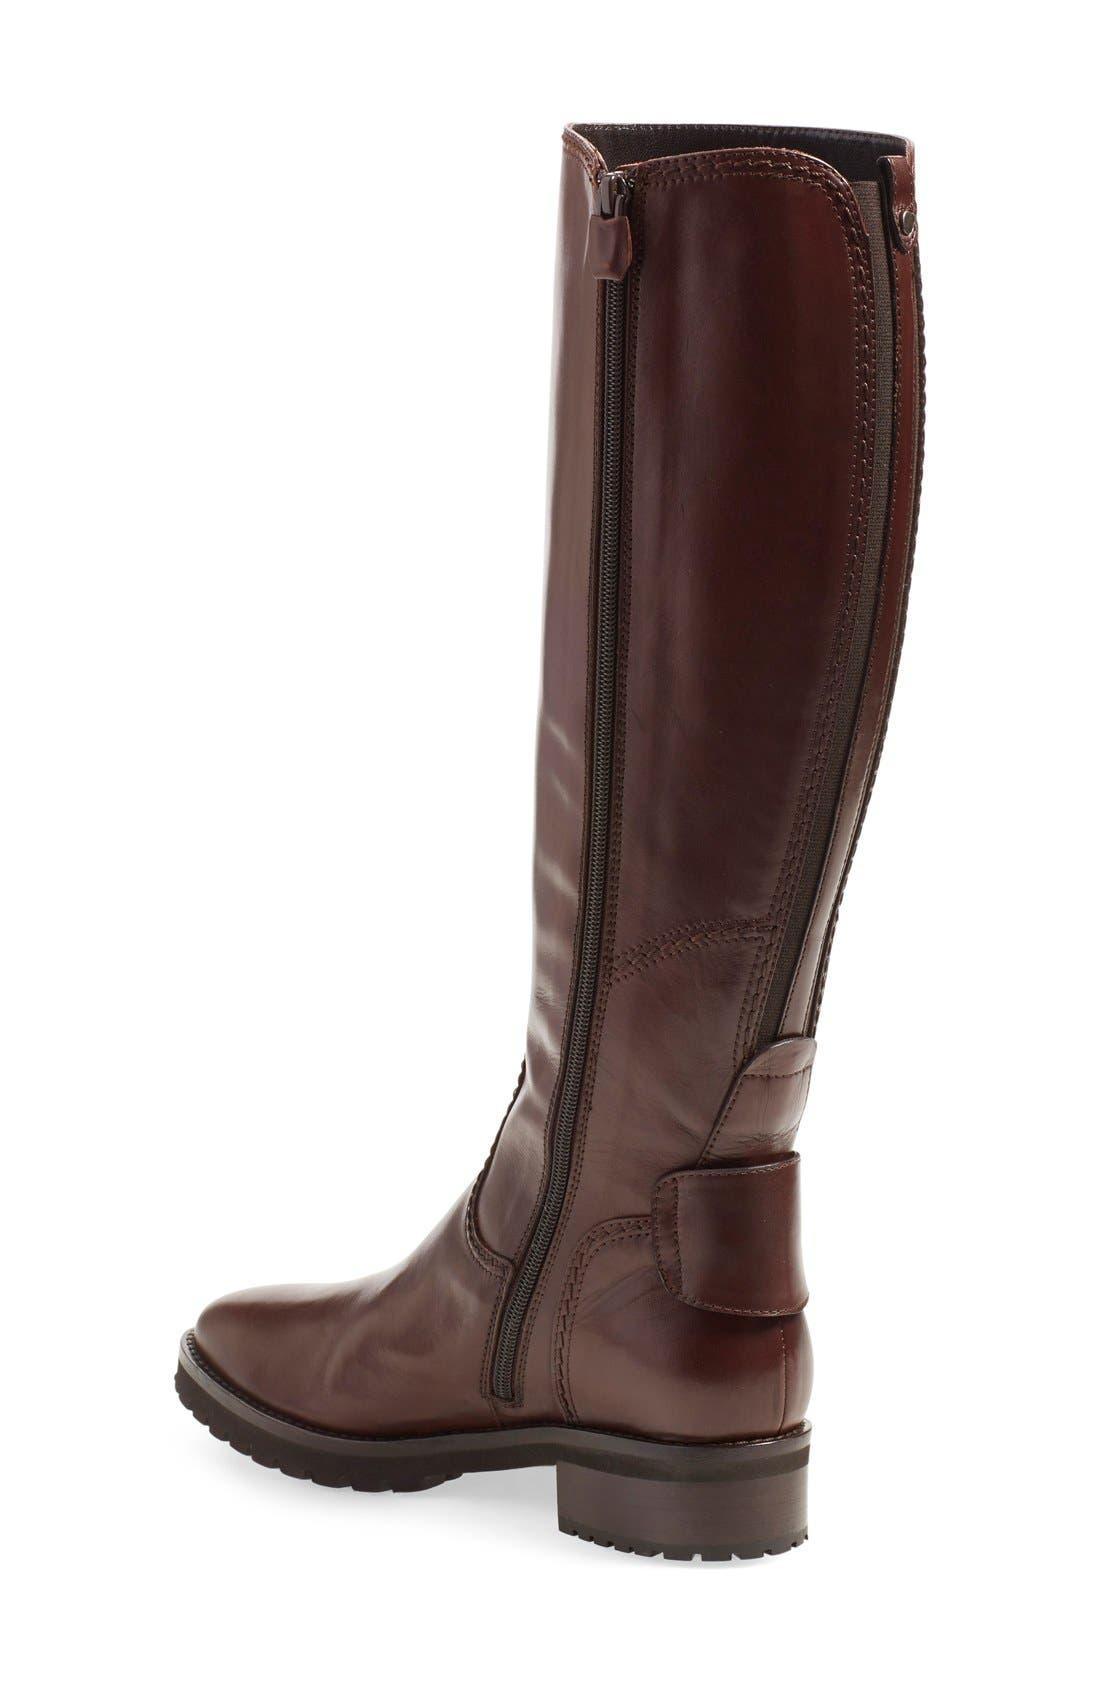 Alternate Image 2  - AnyiLu 'Amber' Tall Boot (Women)